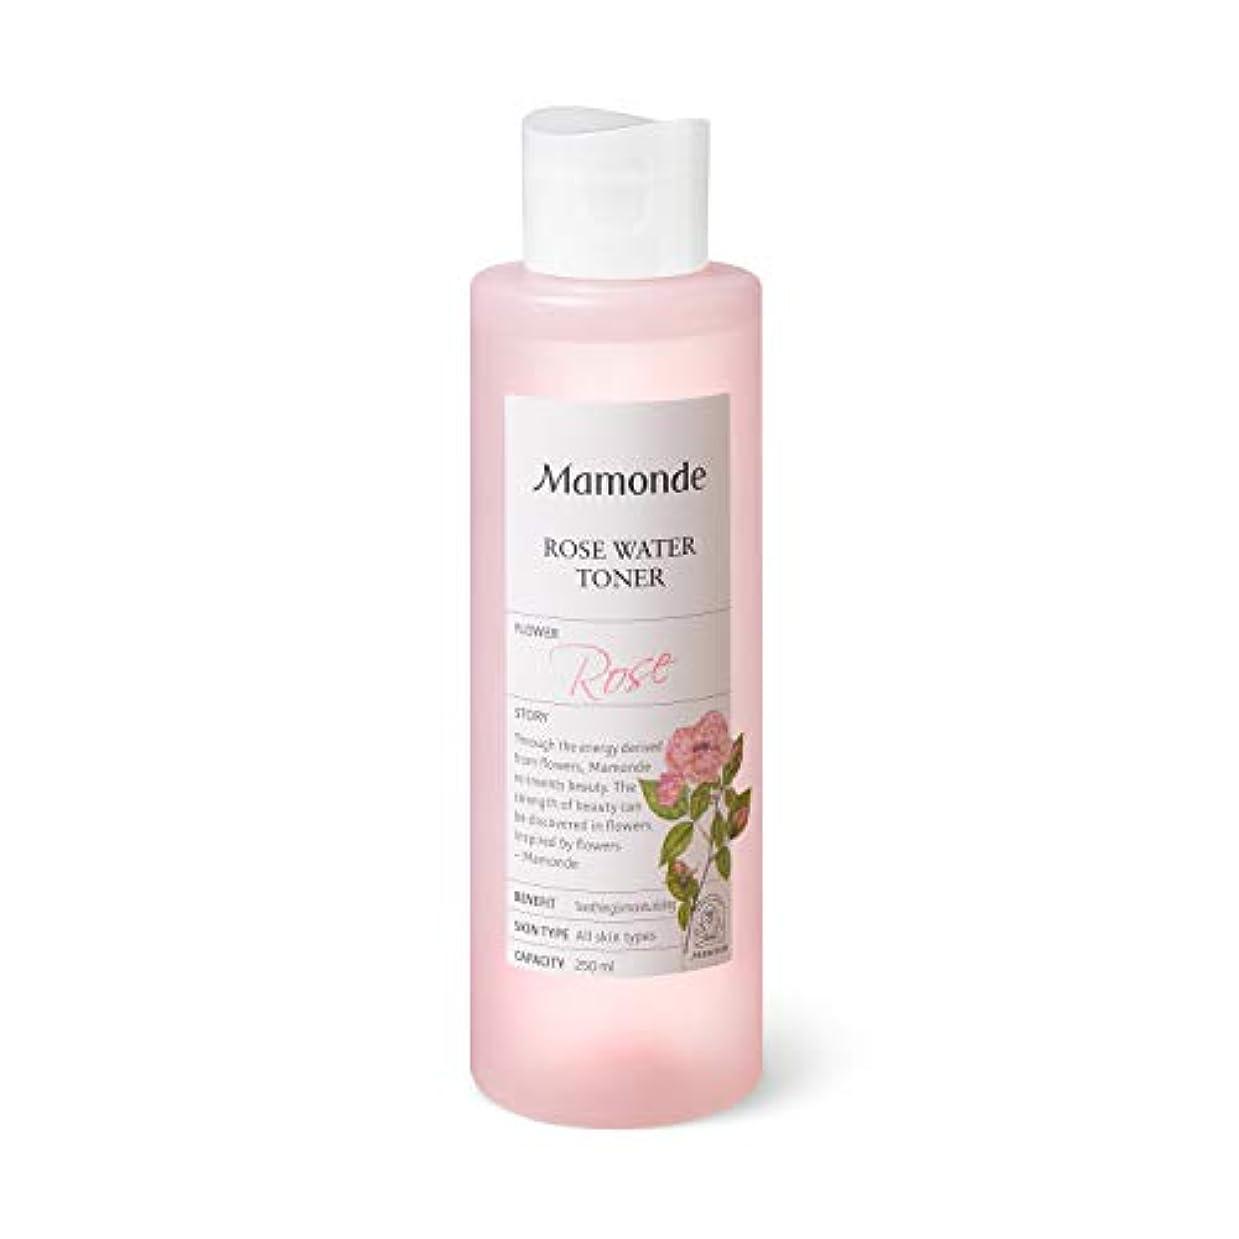 ポルティコ仲間襟[マモンド]ローズウォータートナー(Mamonde Rose Water Toner 250ml)